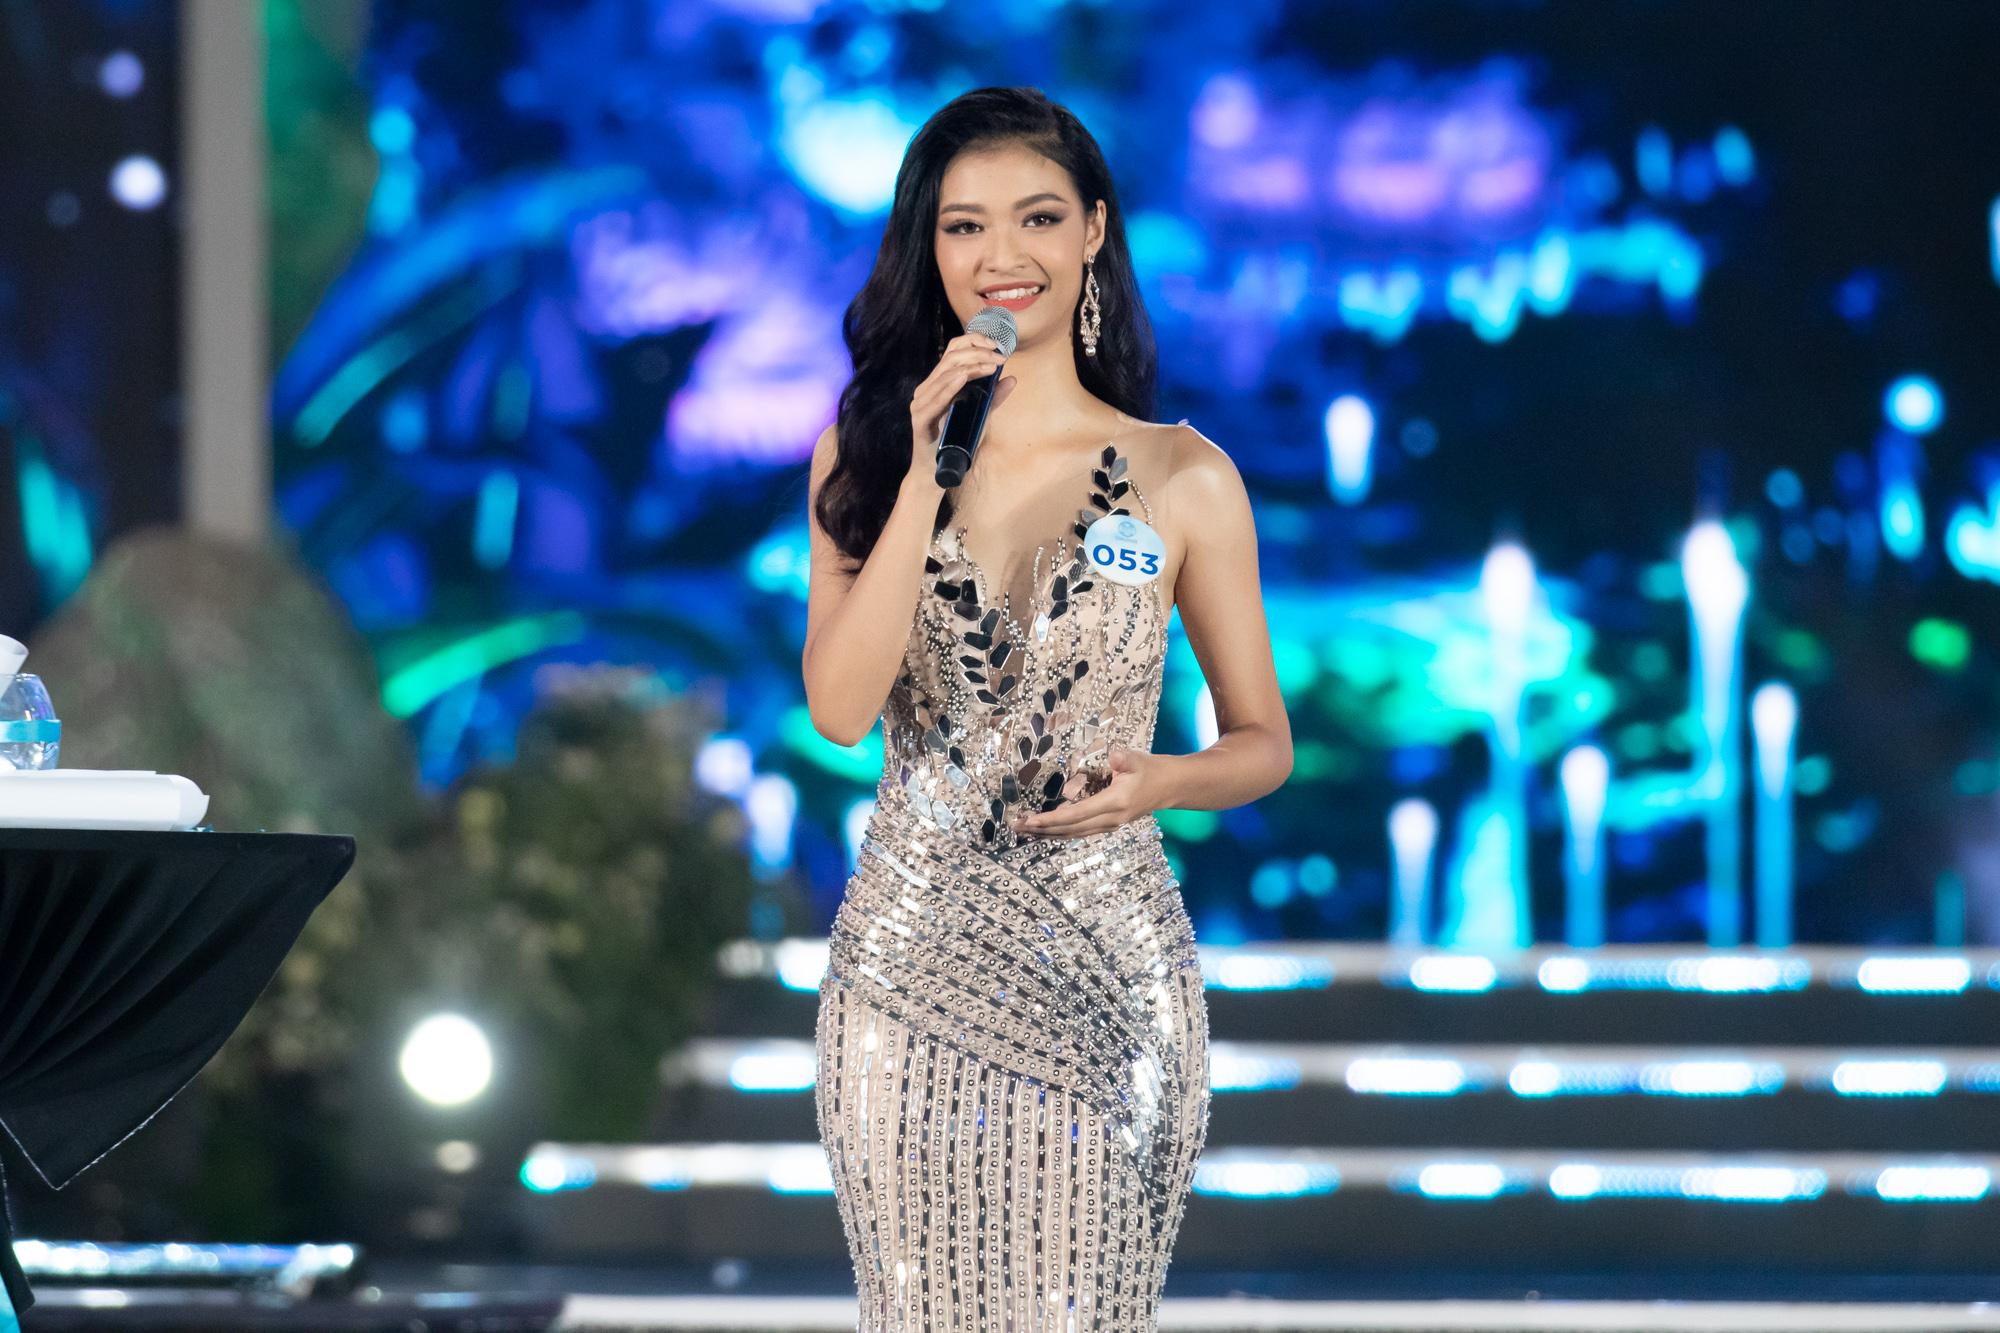 Nữ sinh Ngoại thương quê Cao Bằng đăng quang Hoa hậu Thế giới Việt Nam 2019 - 4